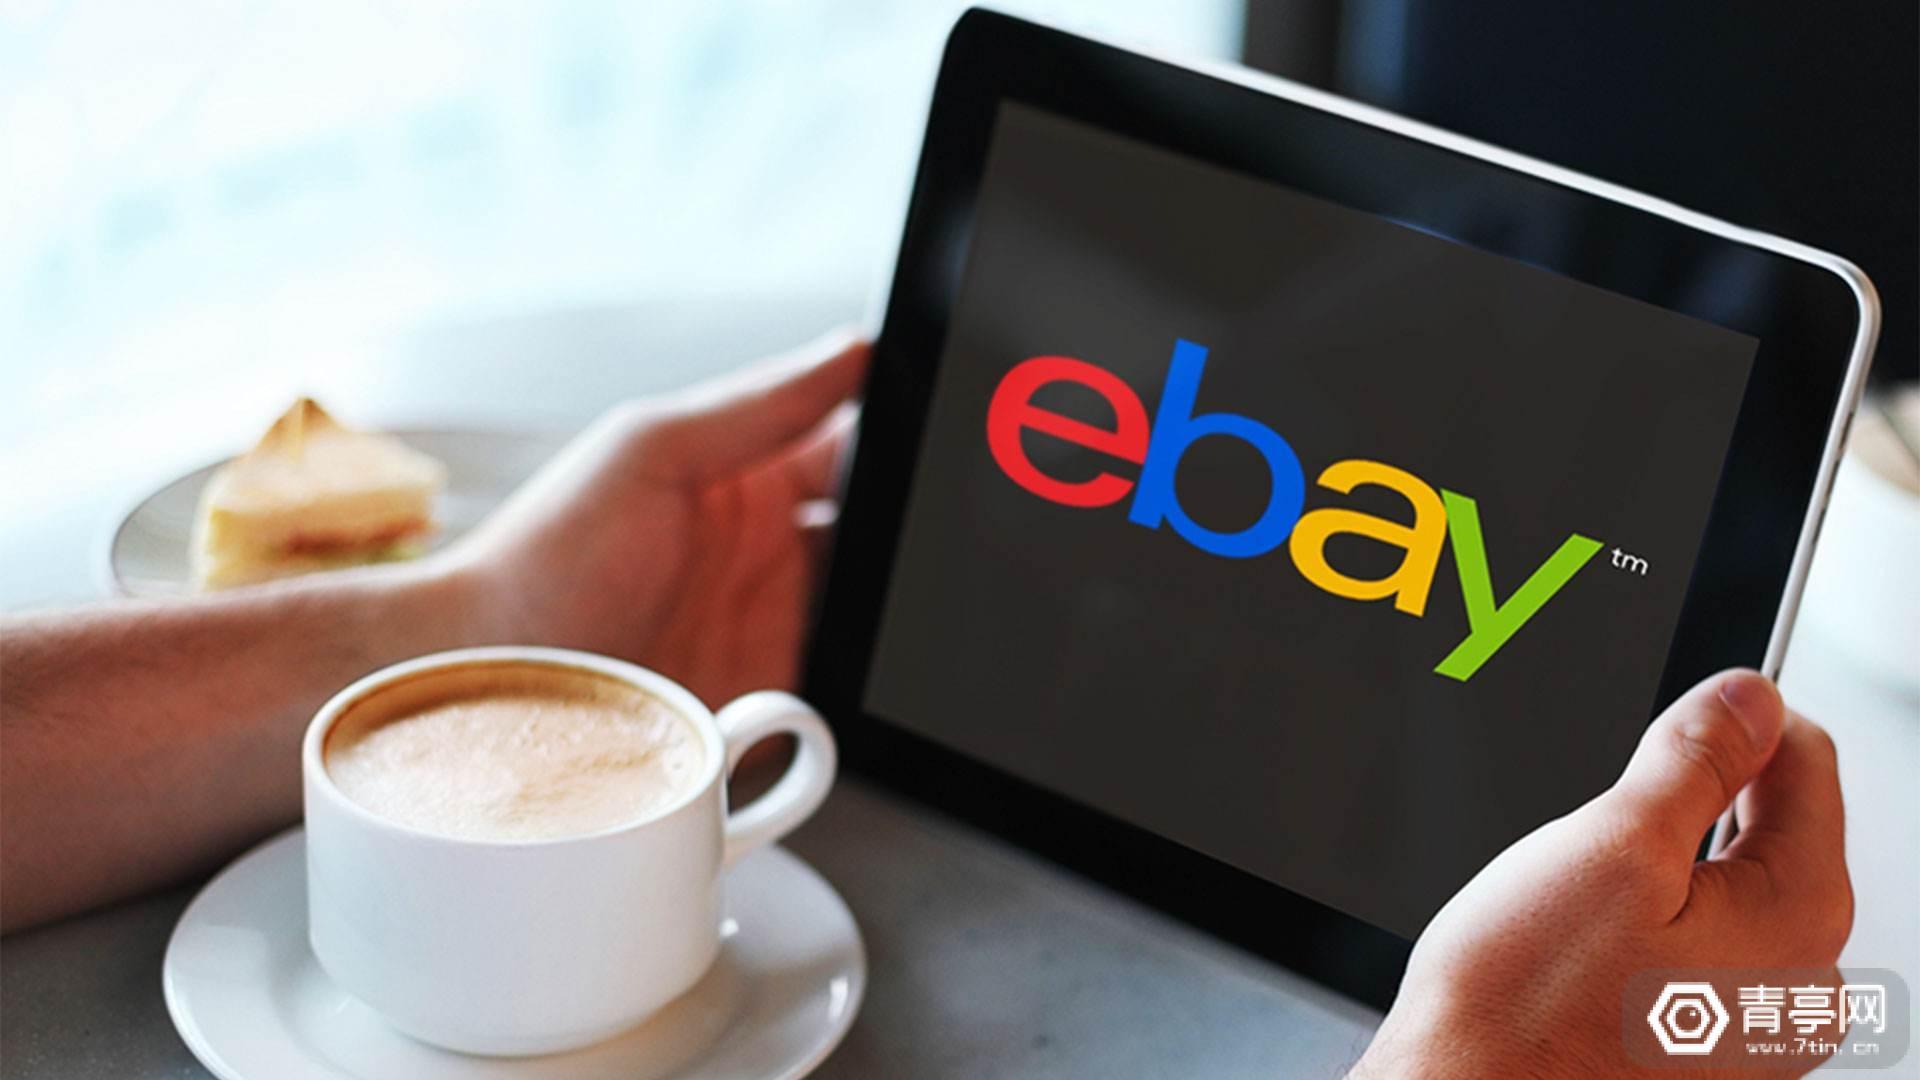 利用谷歌ARCore,eBay上线AR技术,帮助卖家筛选包装盒